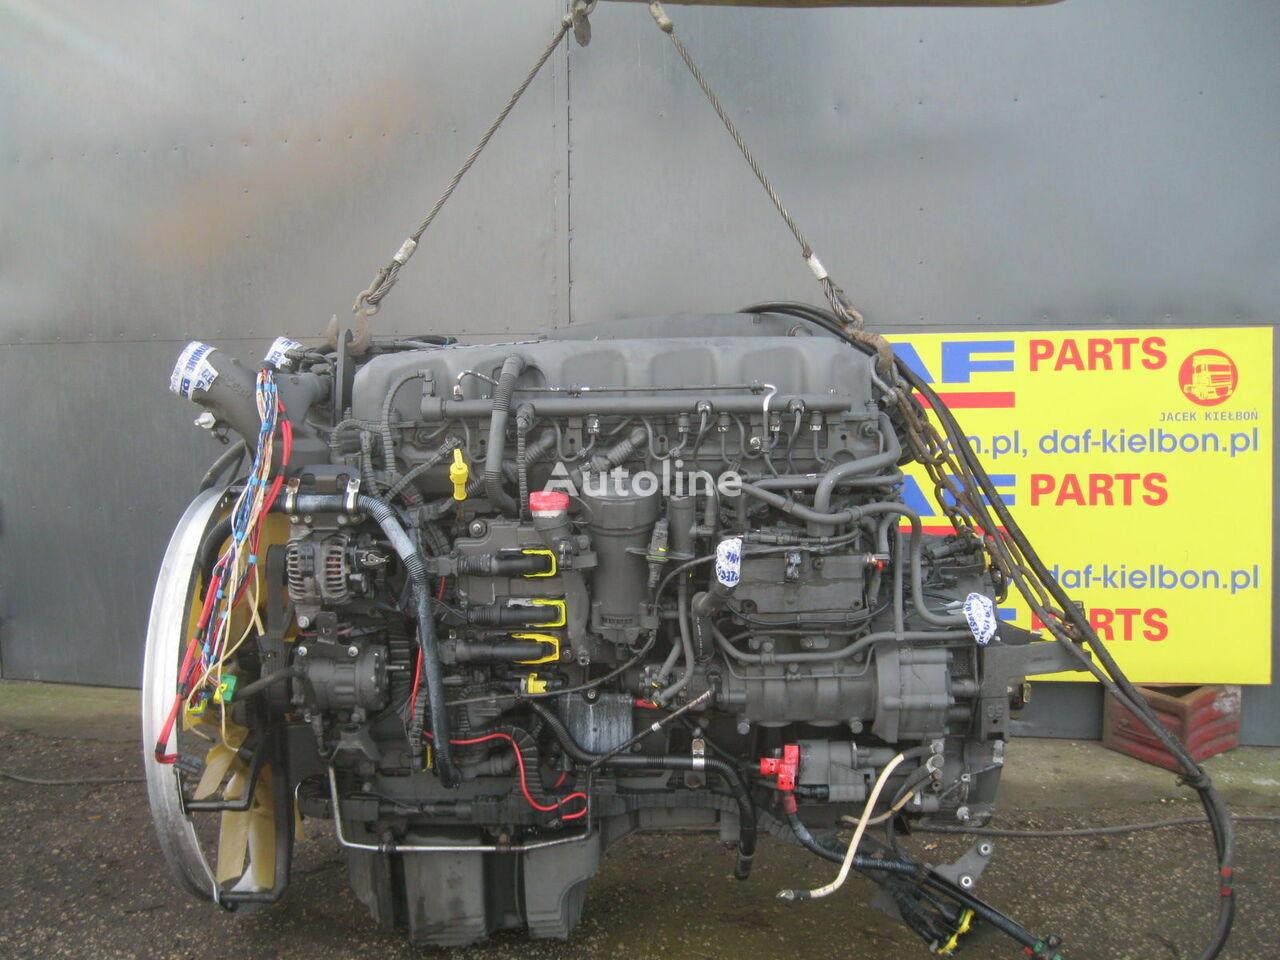 DAF XF 106 tır için DAF KOMPLETNY motor